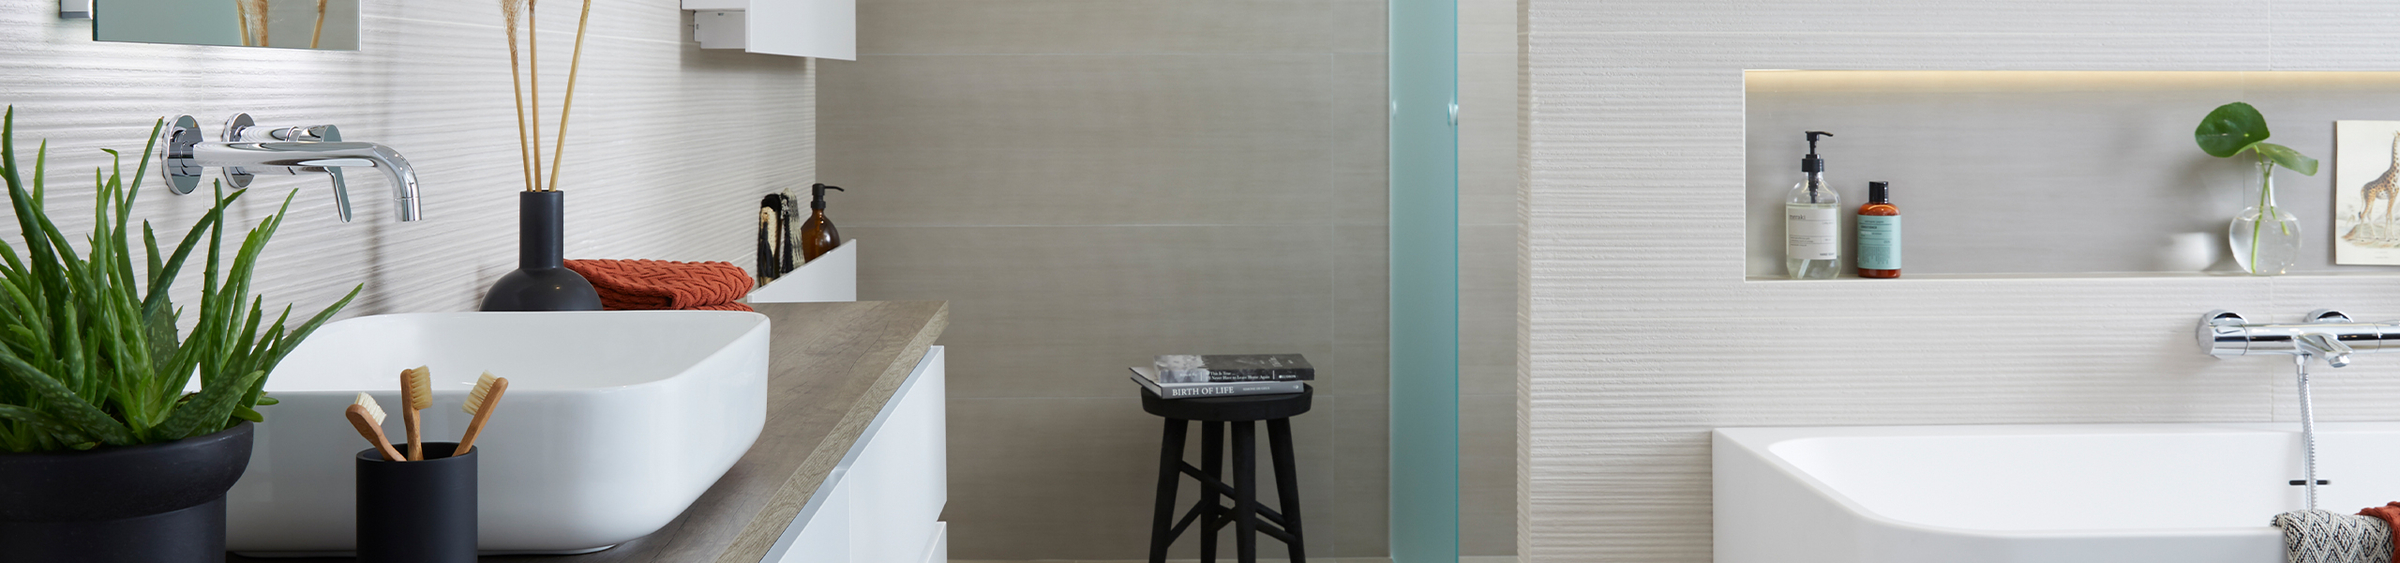 Een nieuwe badkamer: waar moet je aan denken? - Een nieuwe badkamer: waar moet je aan denken?